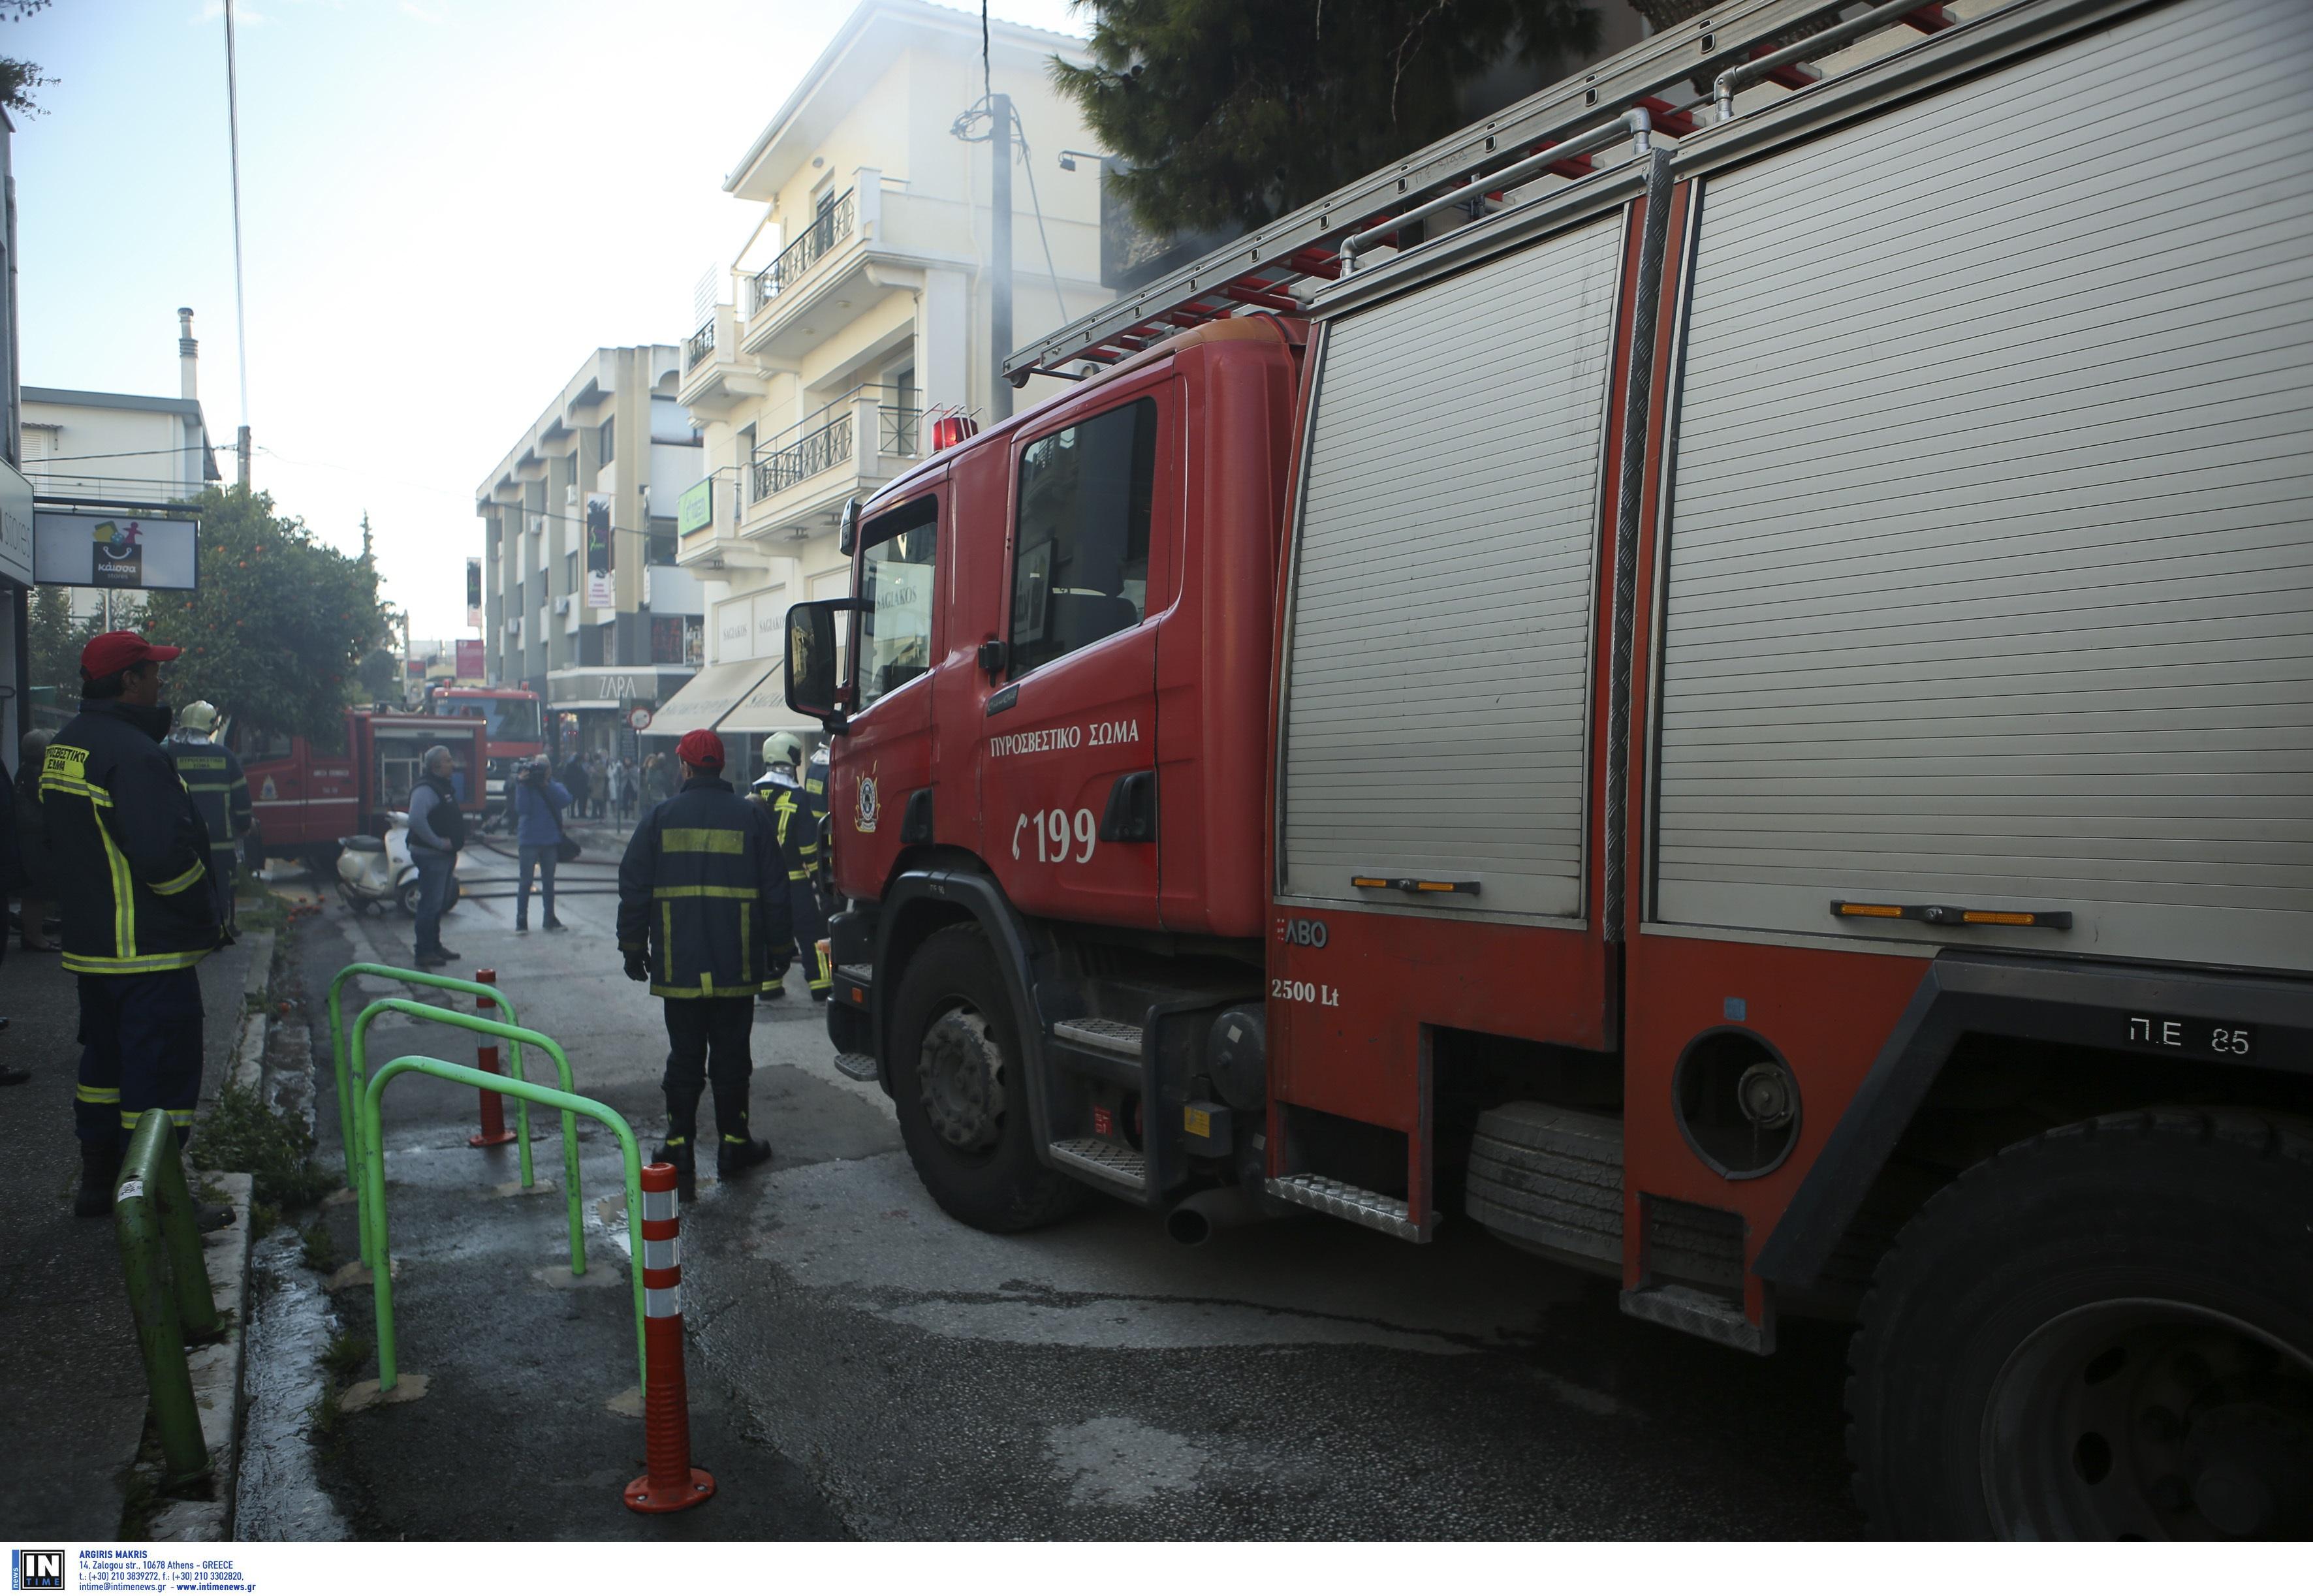 Μεγάλη φωτιά σε διαμέρισμα στα Πατήσια – Στο νοσοκομείο ηλικιωμένος